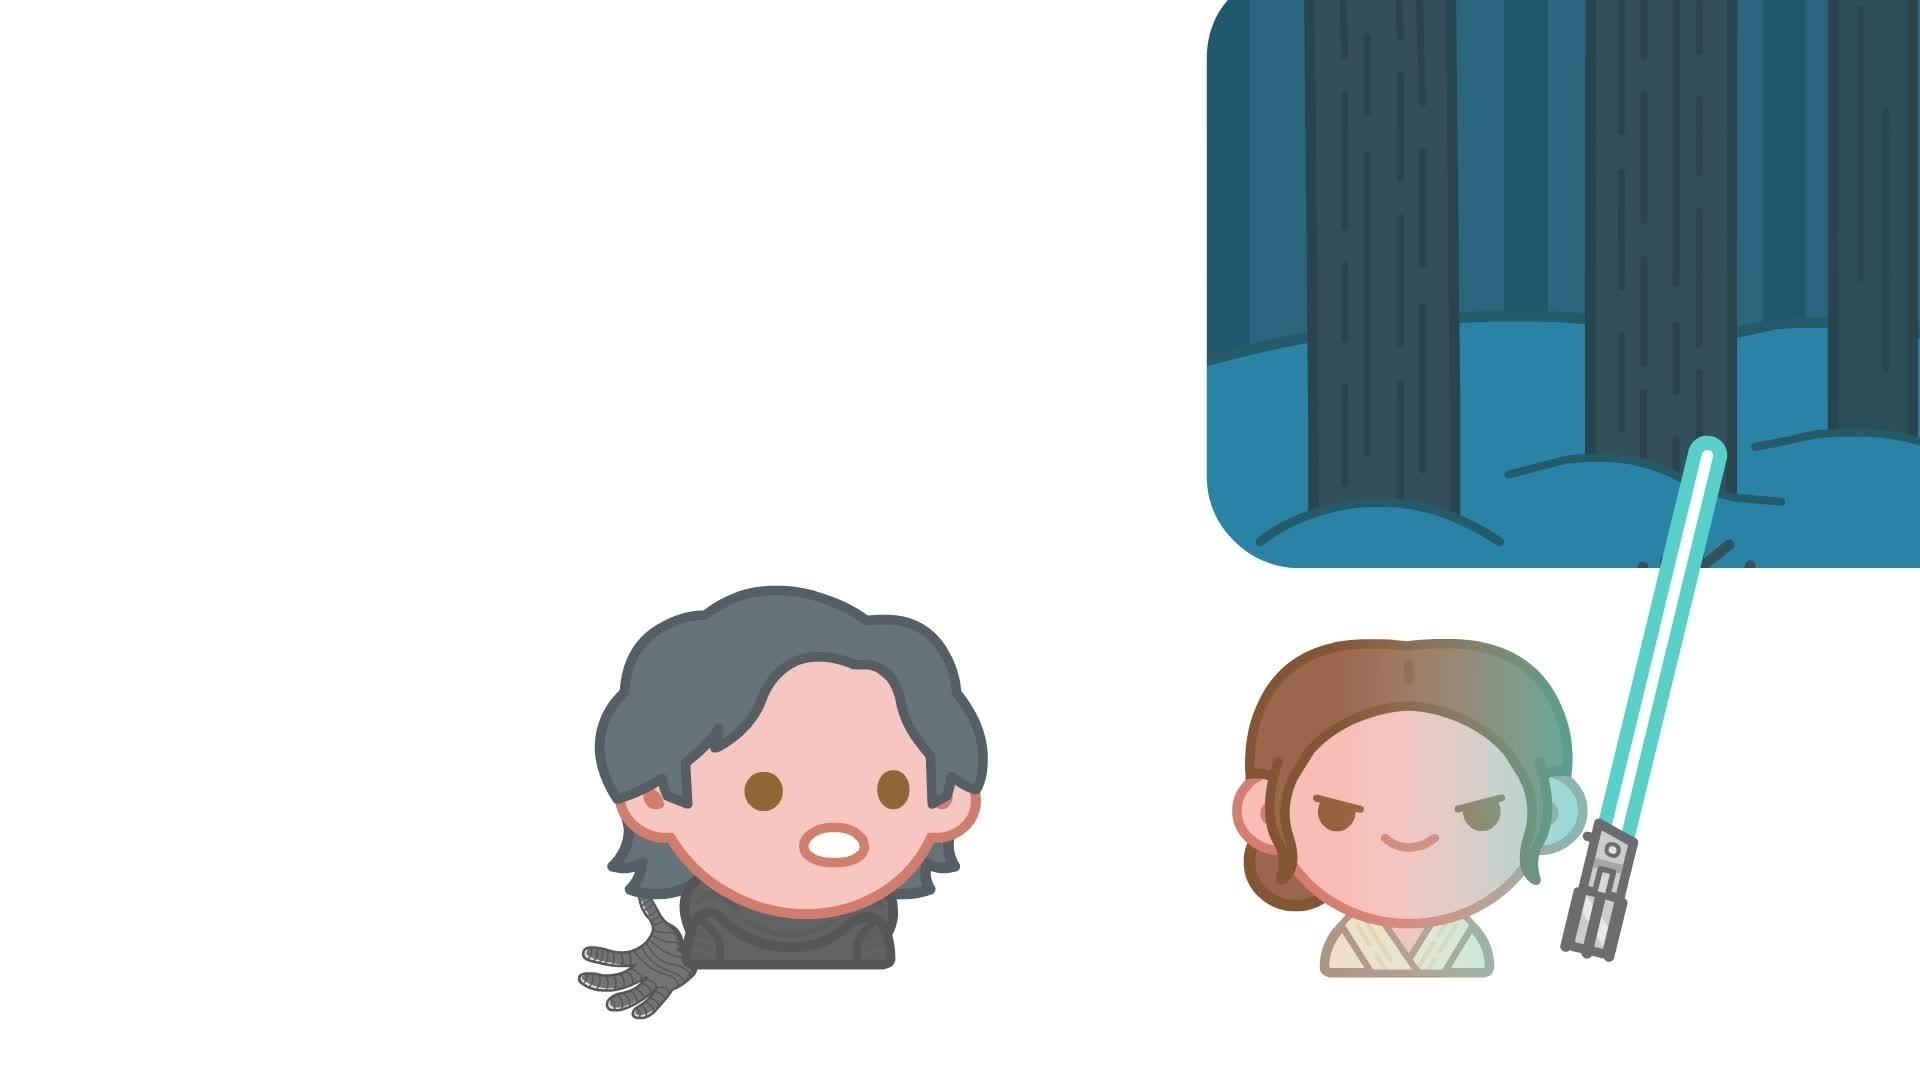 Fortalt med Emoji: The Force Awakens